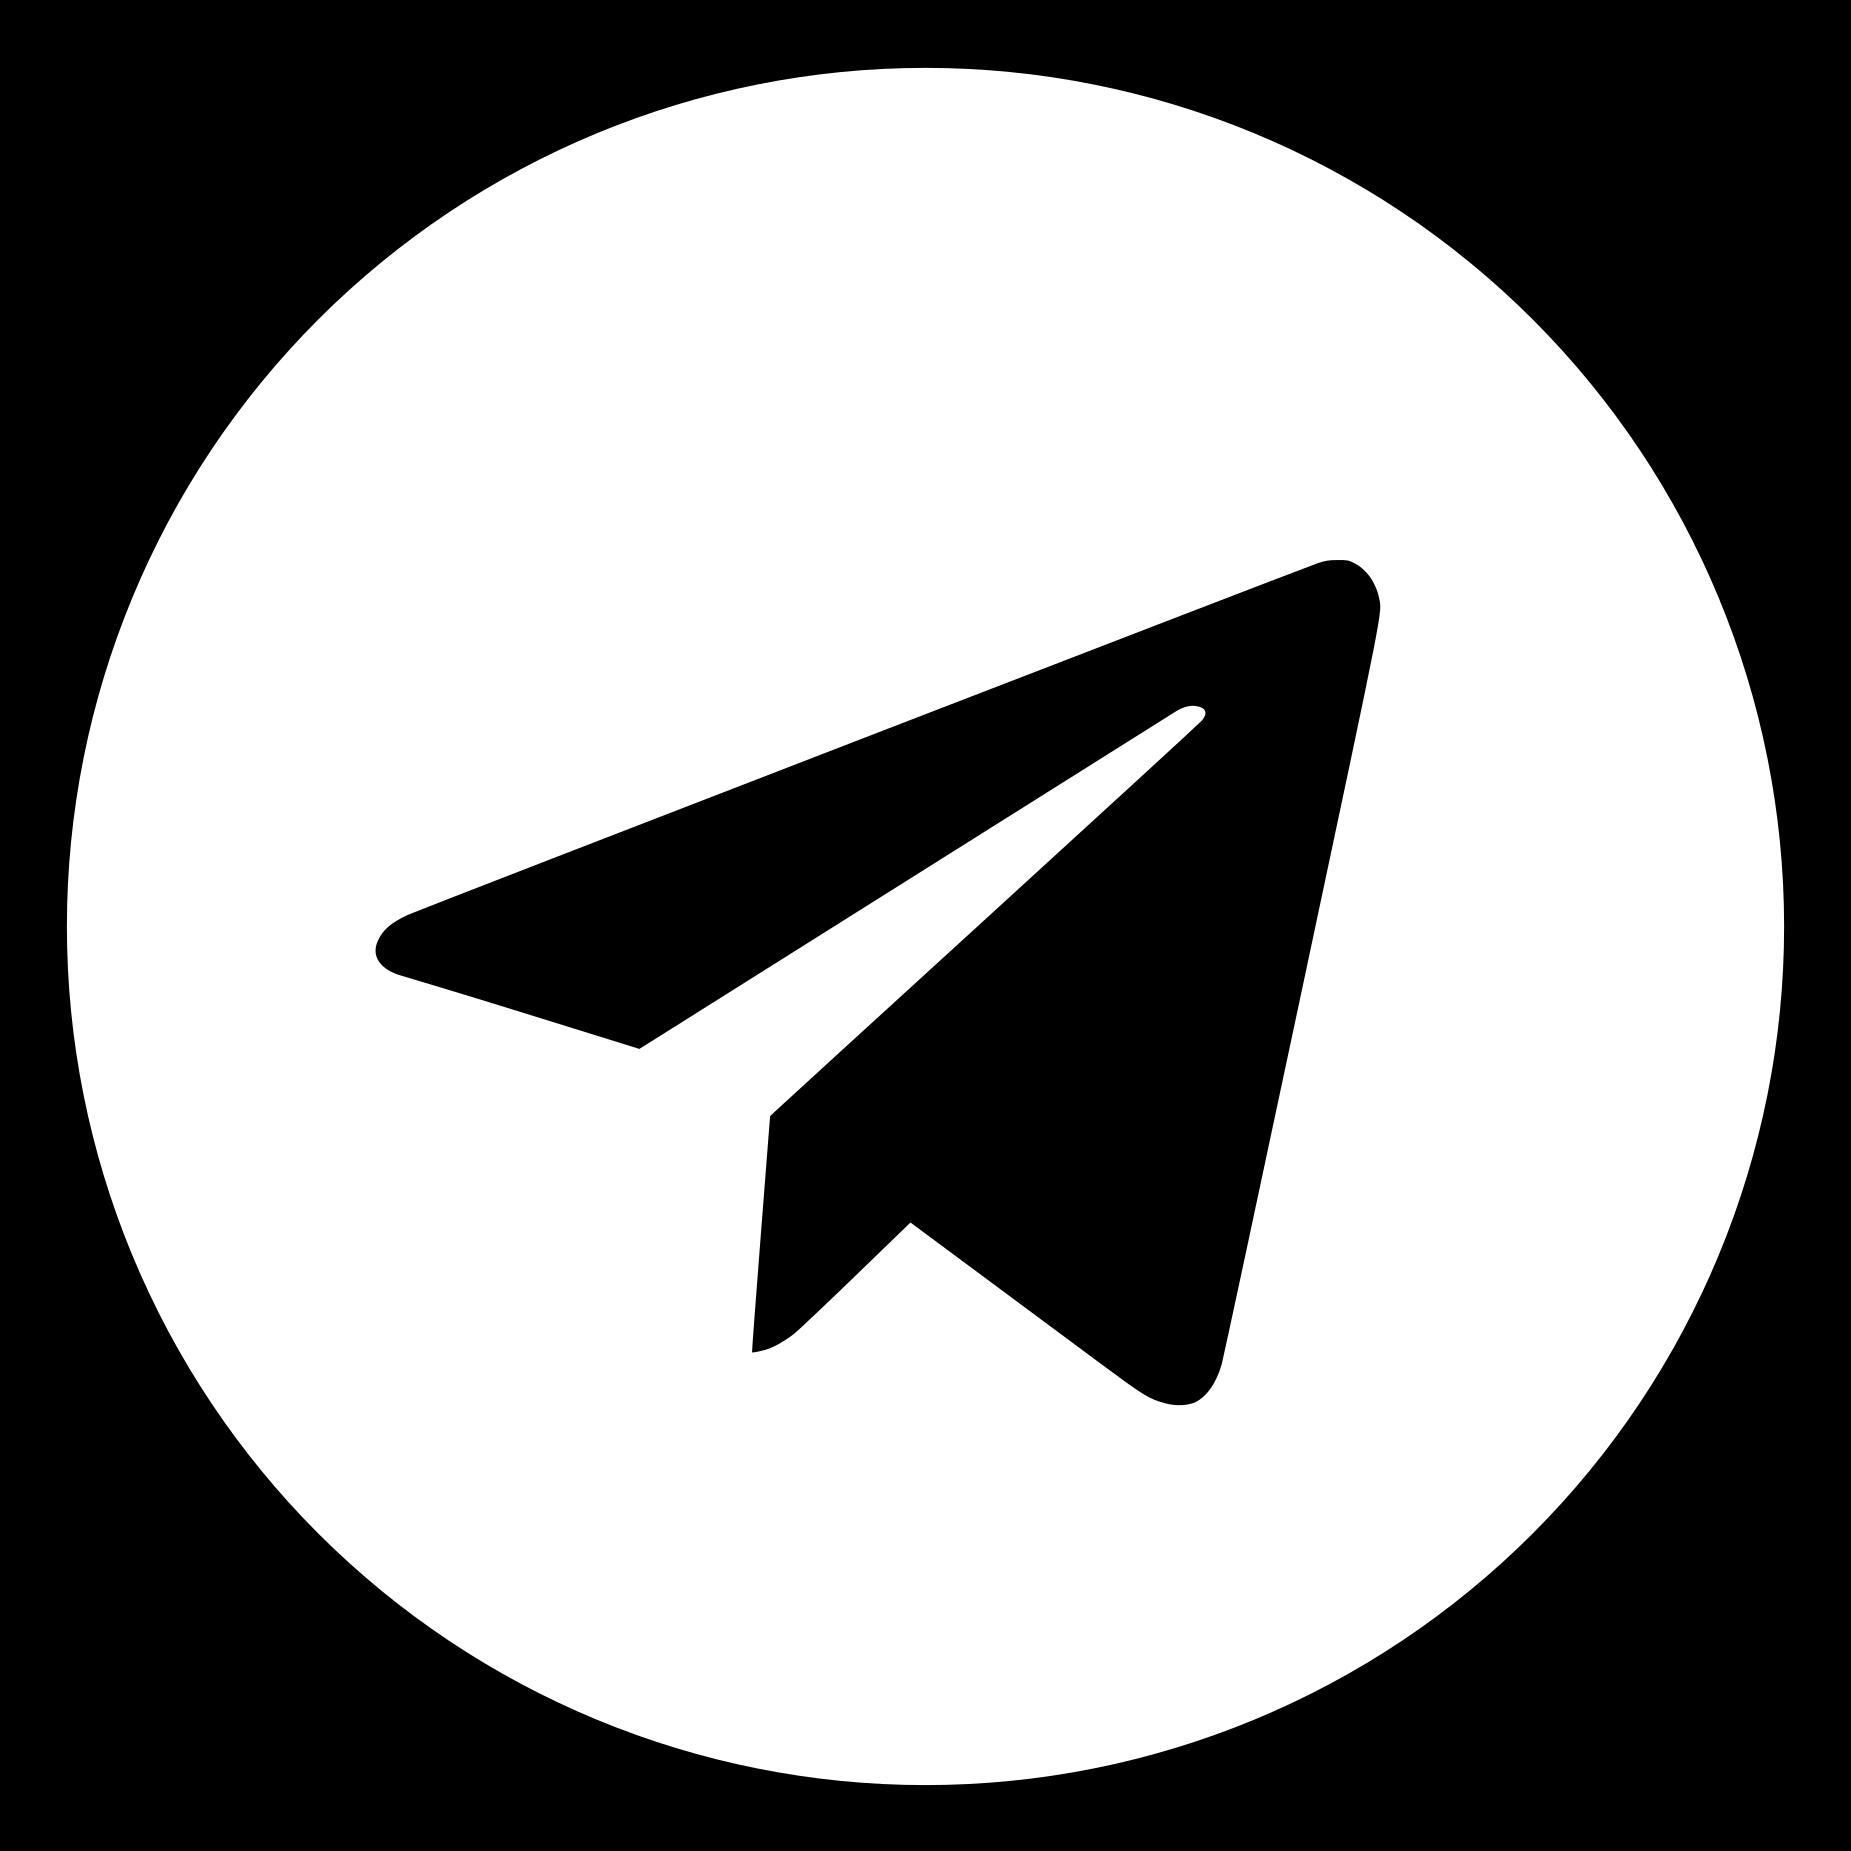 telegram sentirse amada